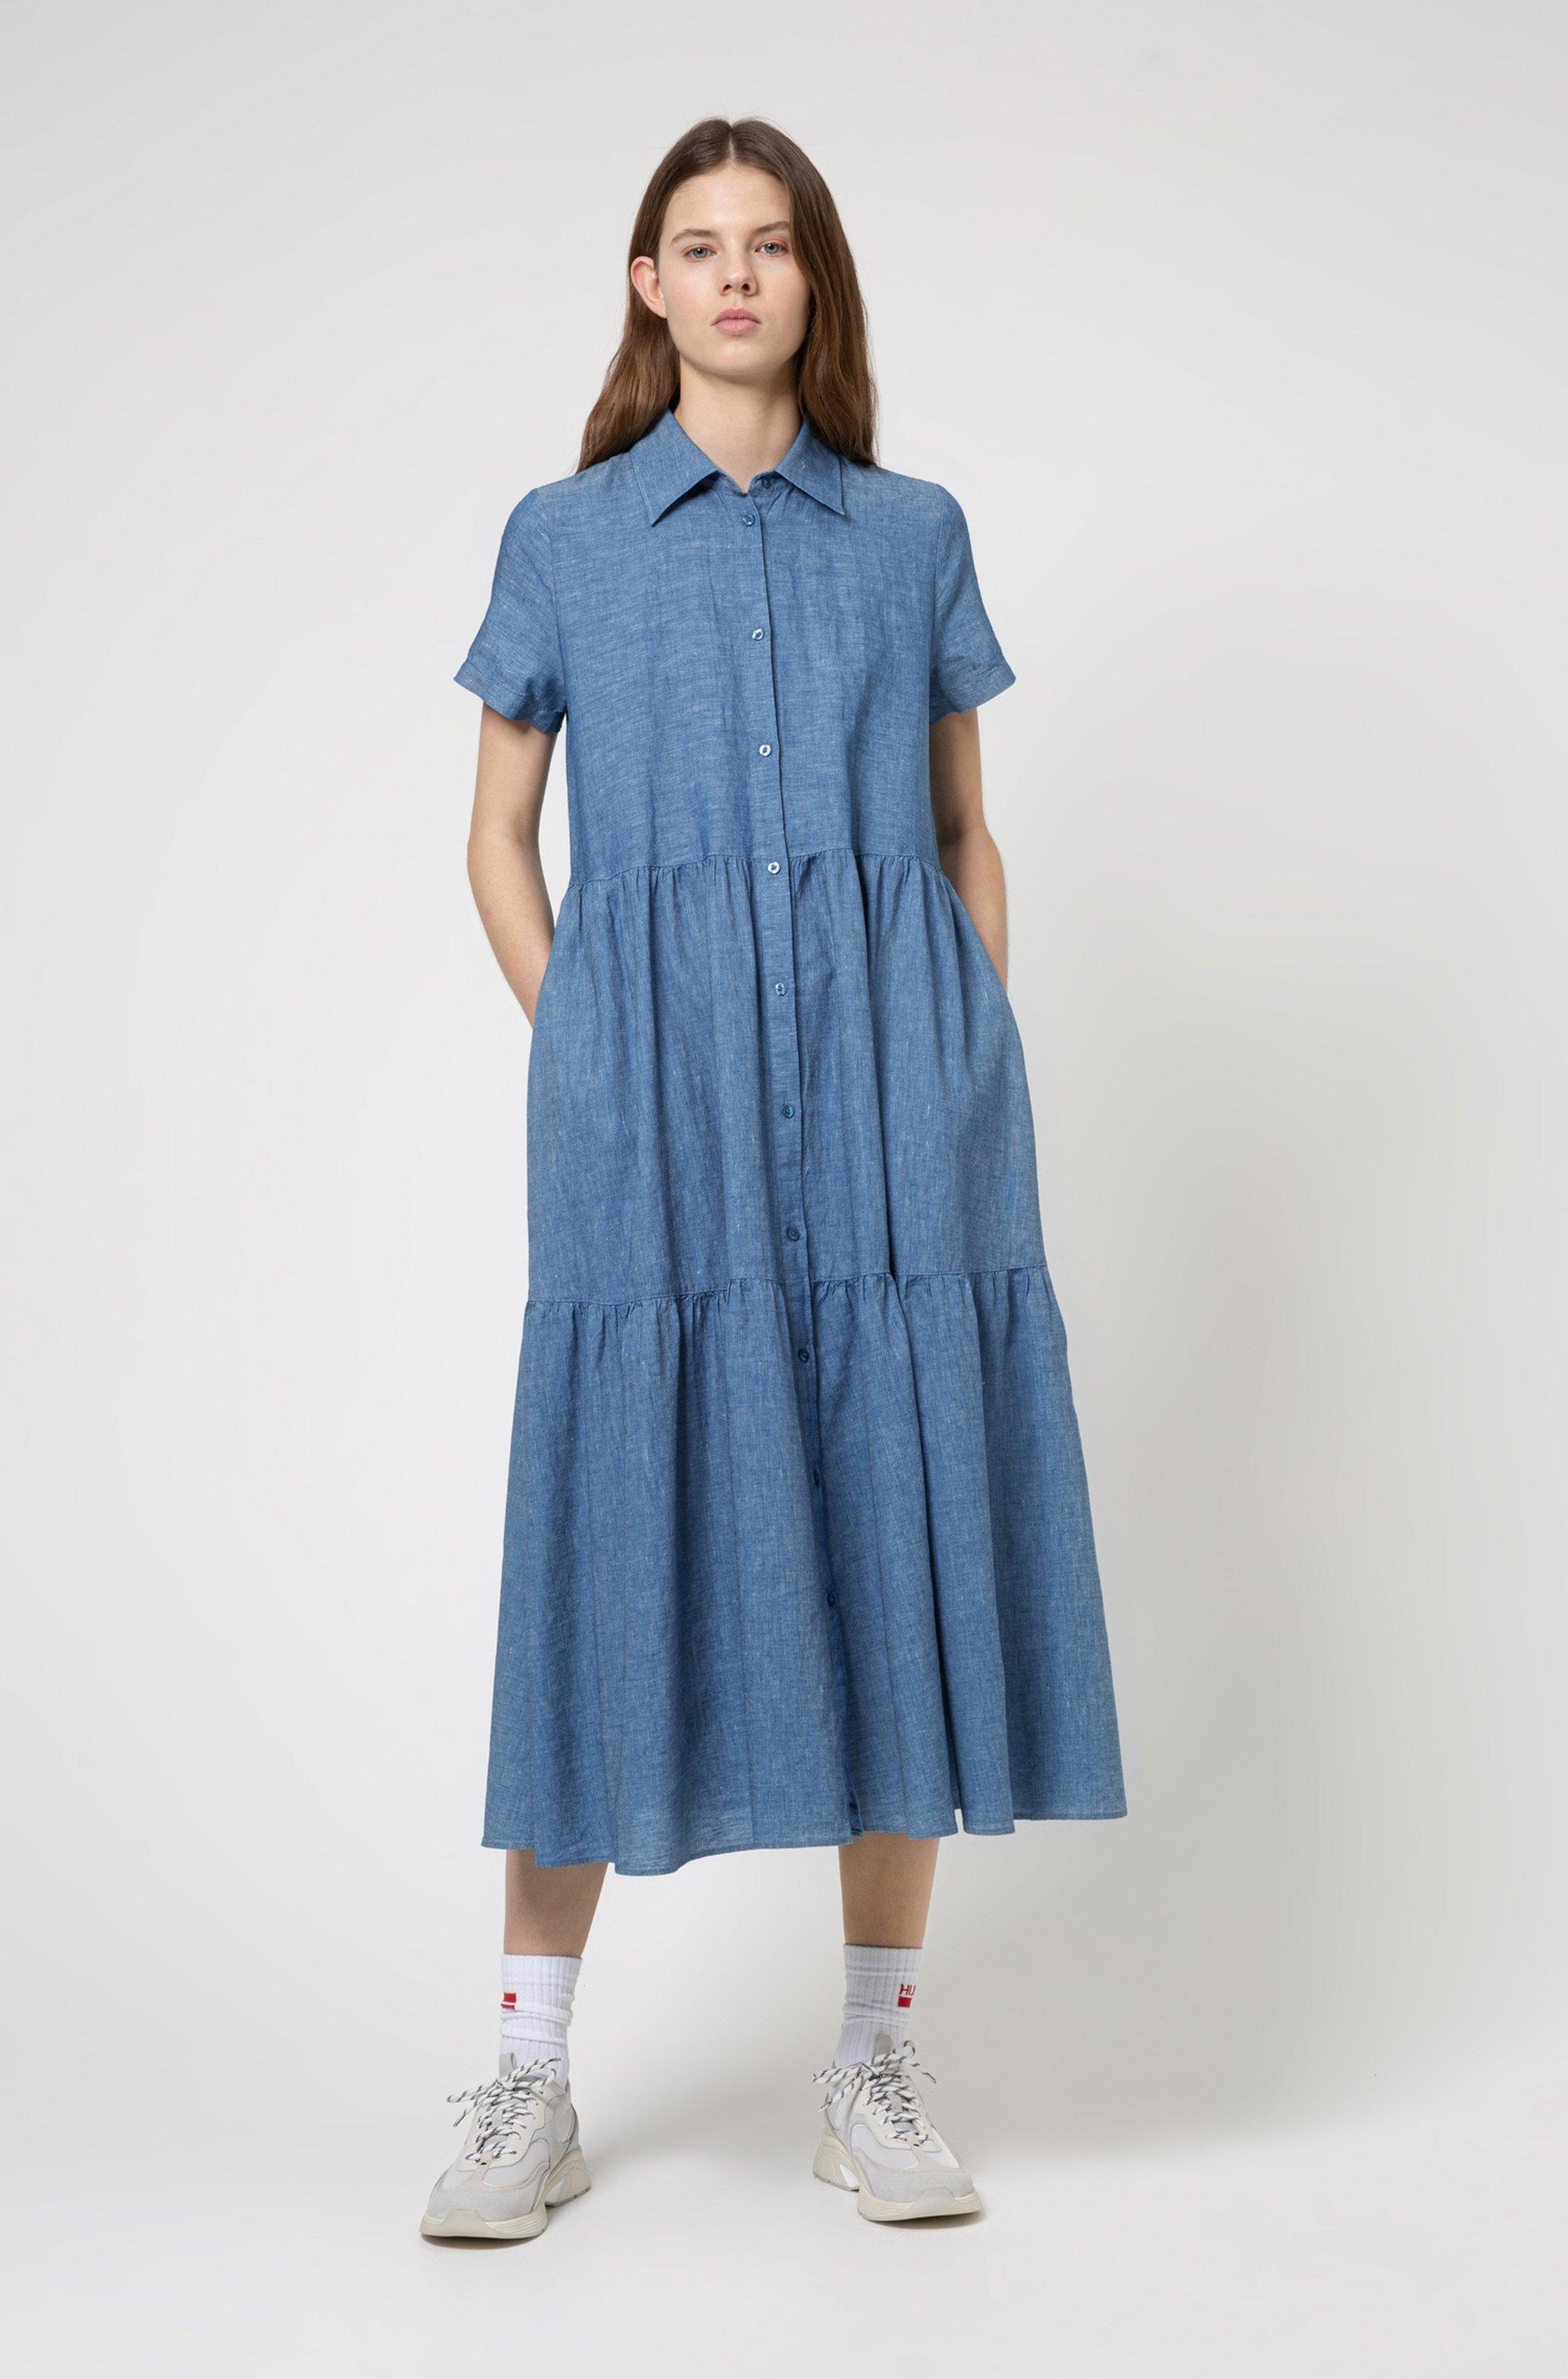 Short-sleeved shirt dress in cotton-linen denim